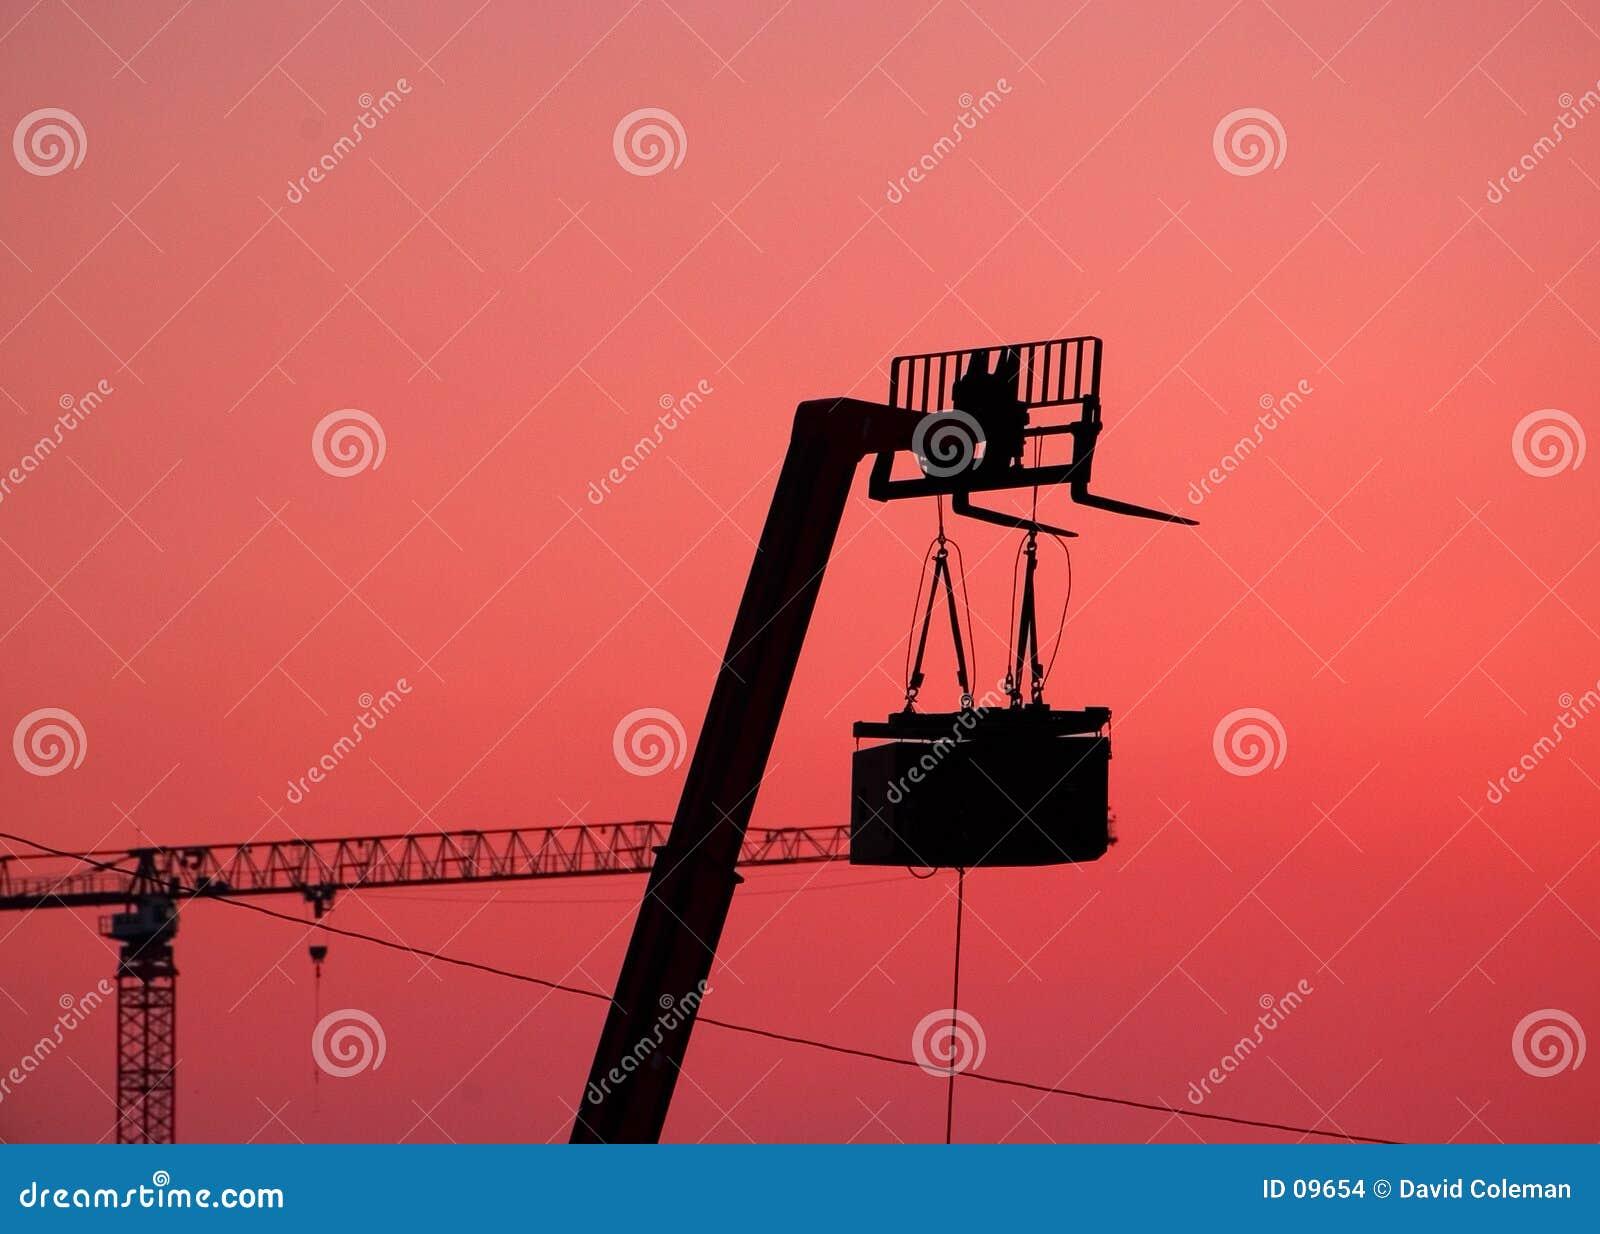 Silueta de los altavoces y de la elevación